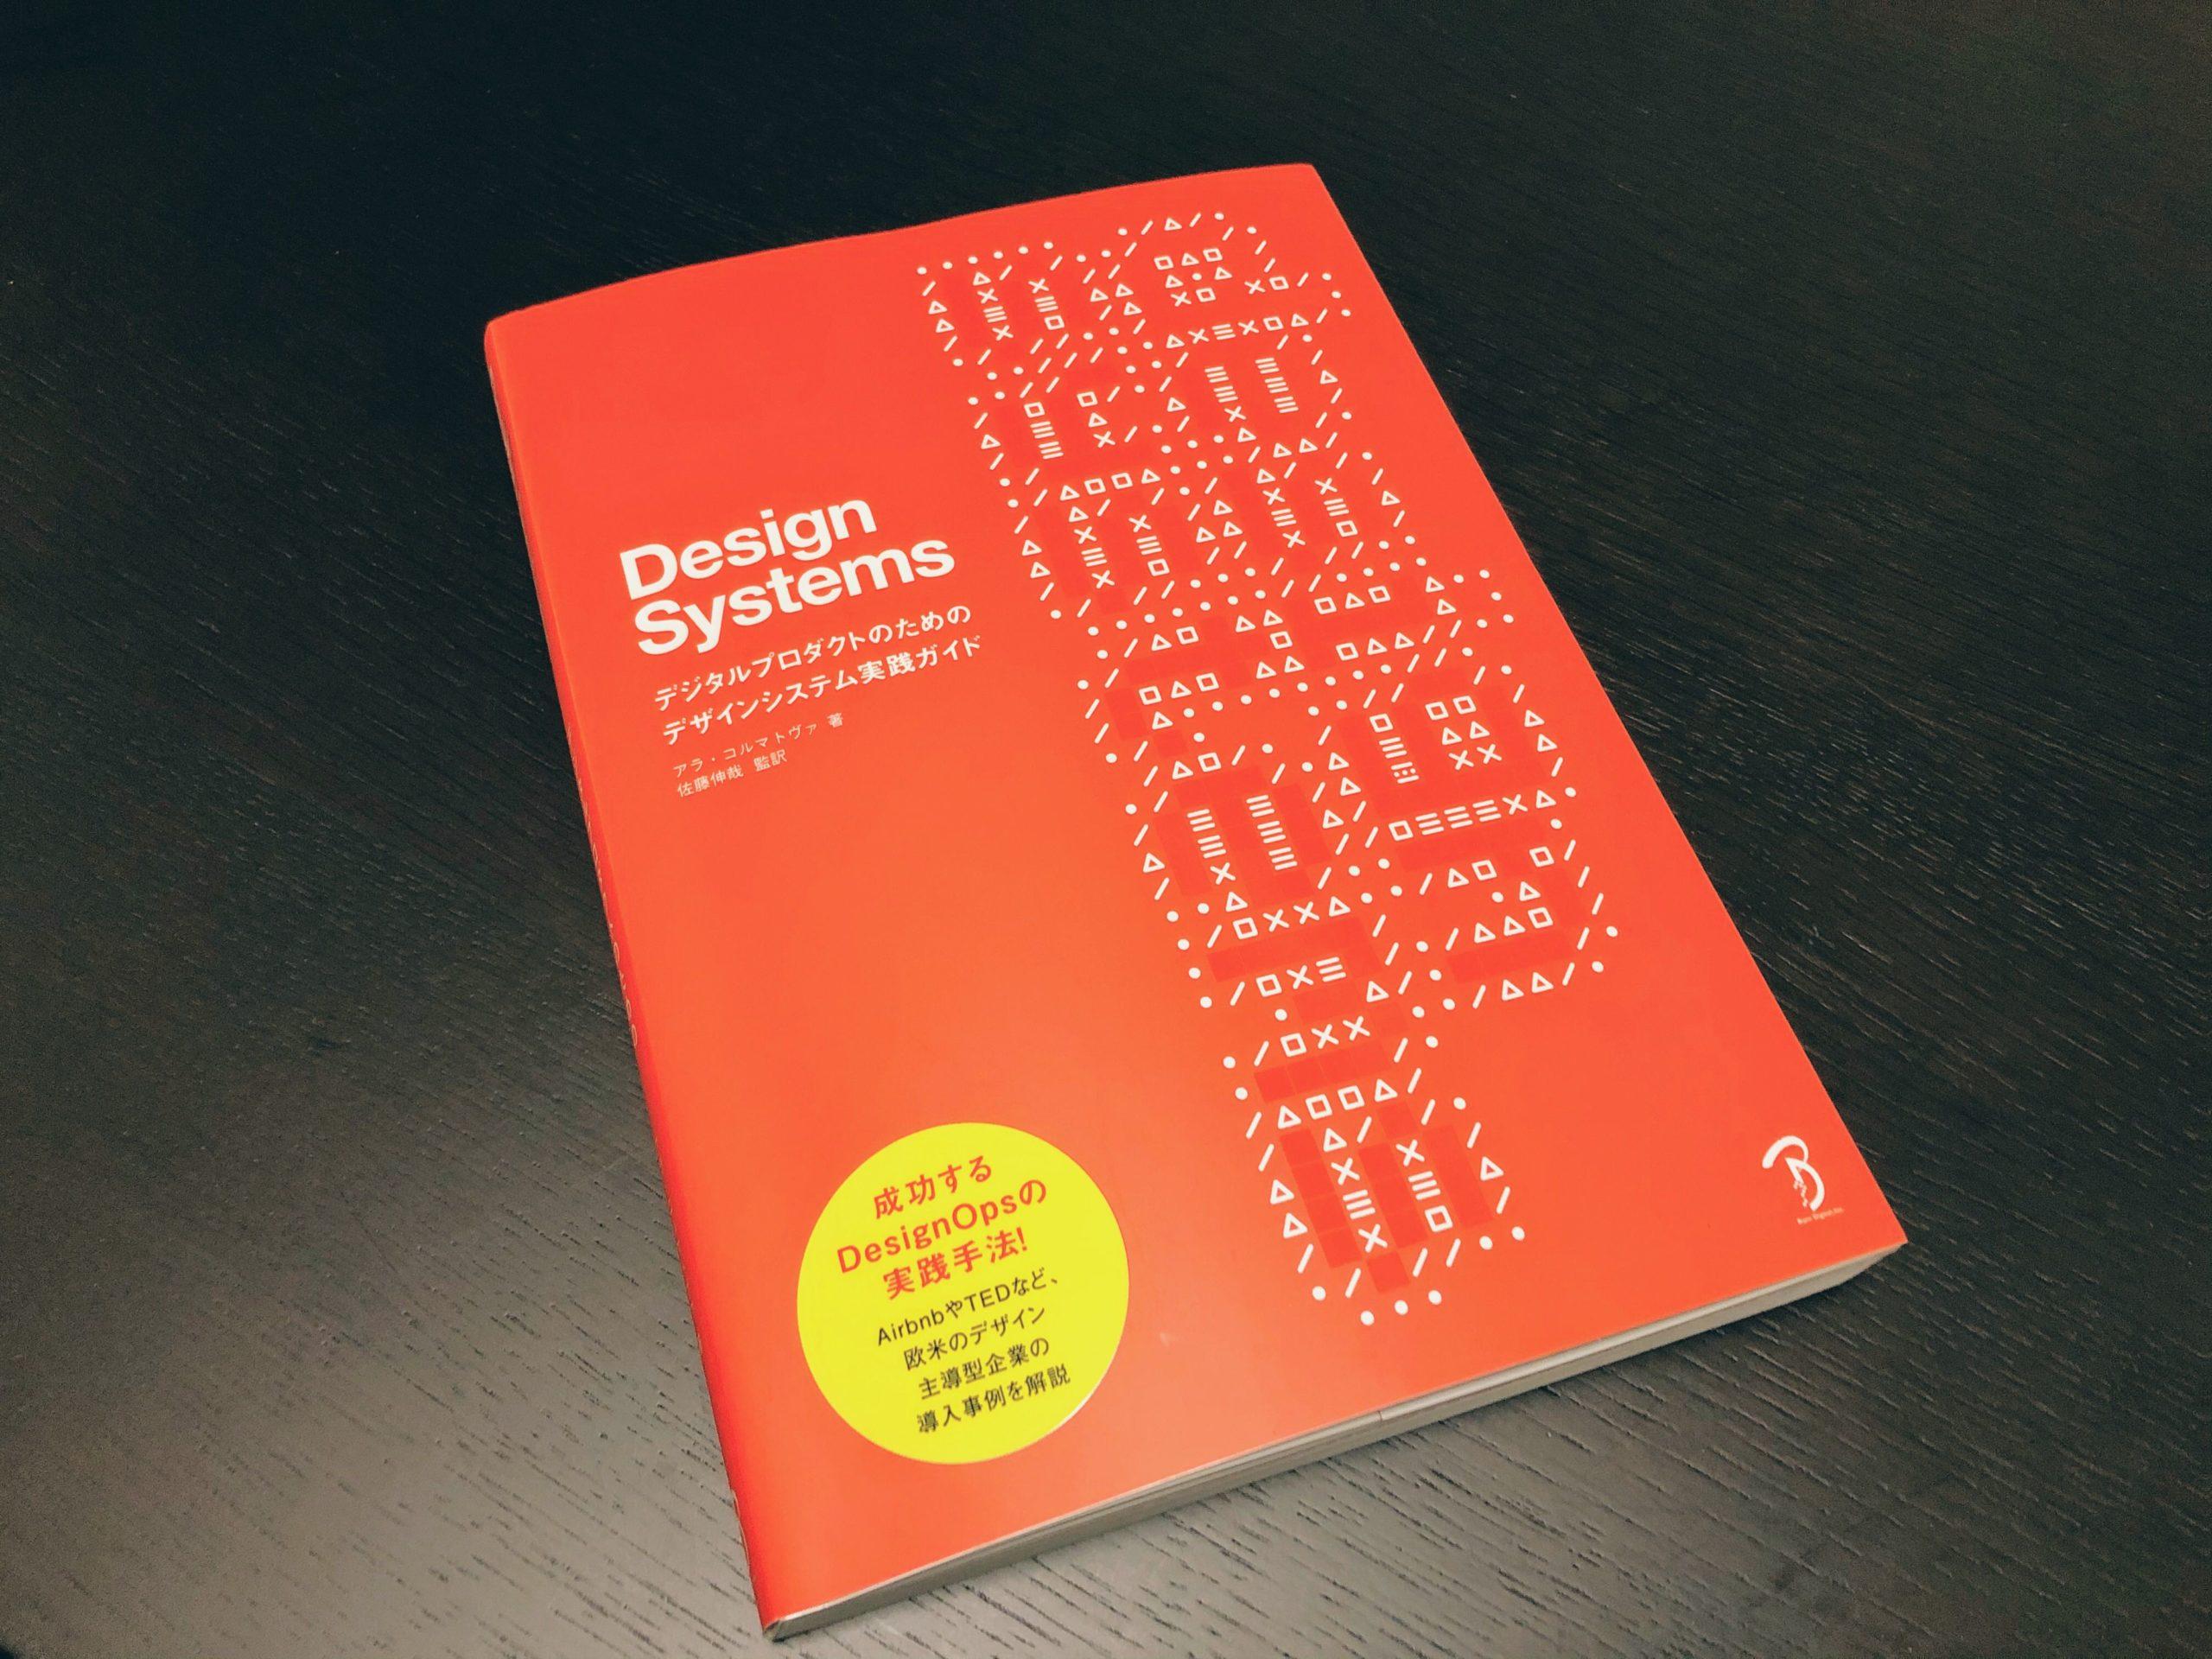 アイキャッチ画像:Design Systems を読みました [基本編]